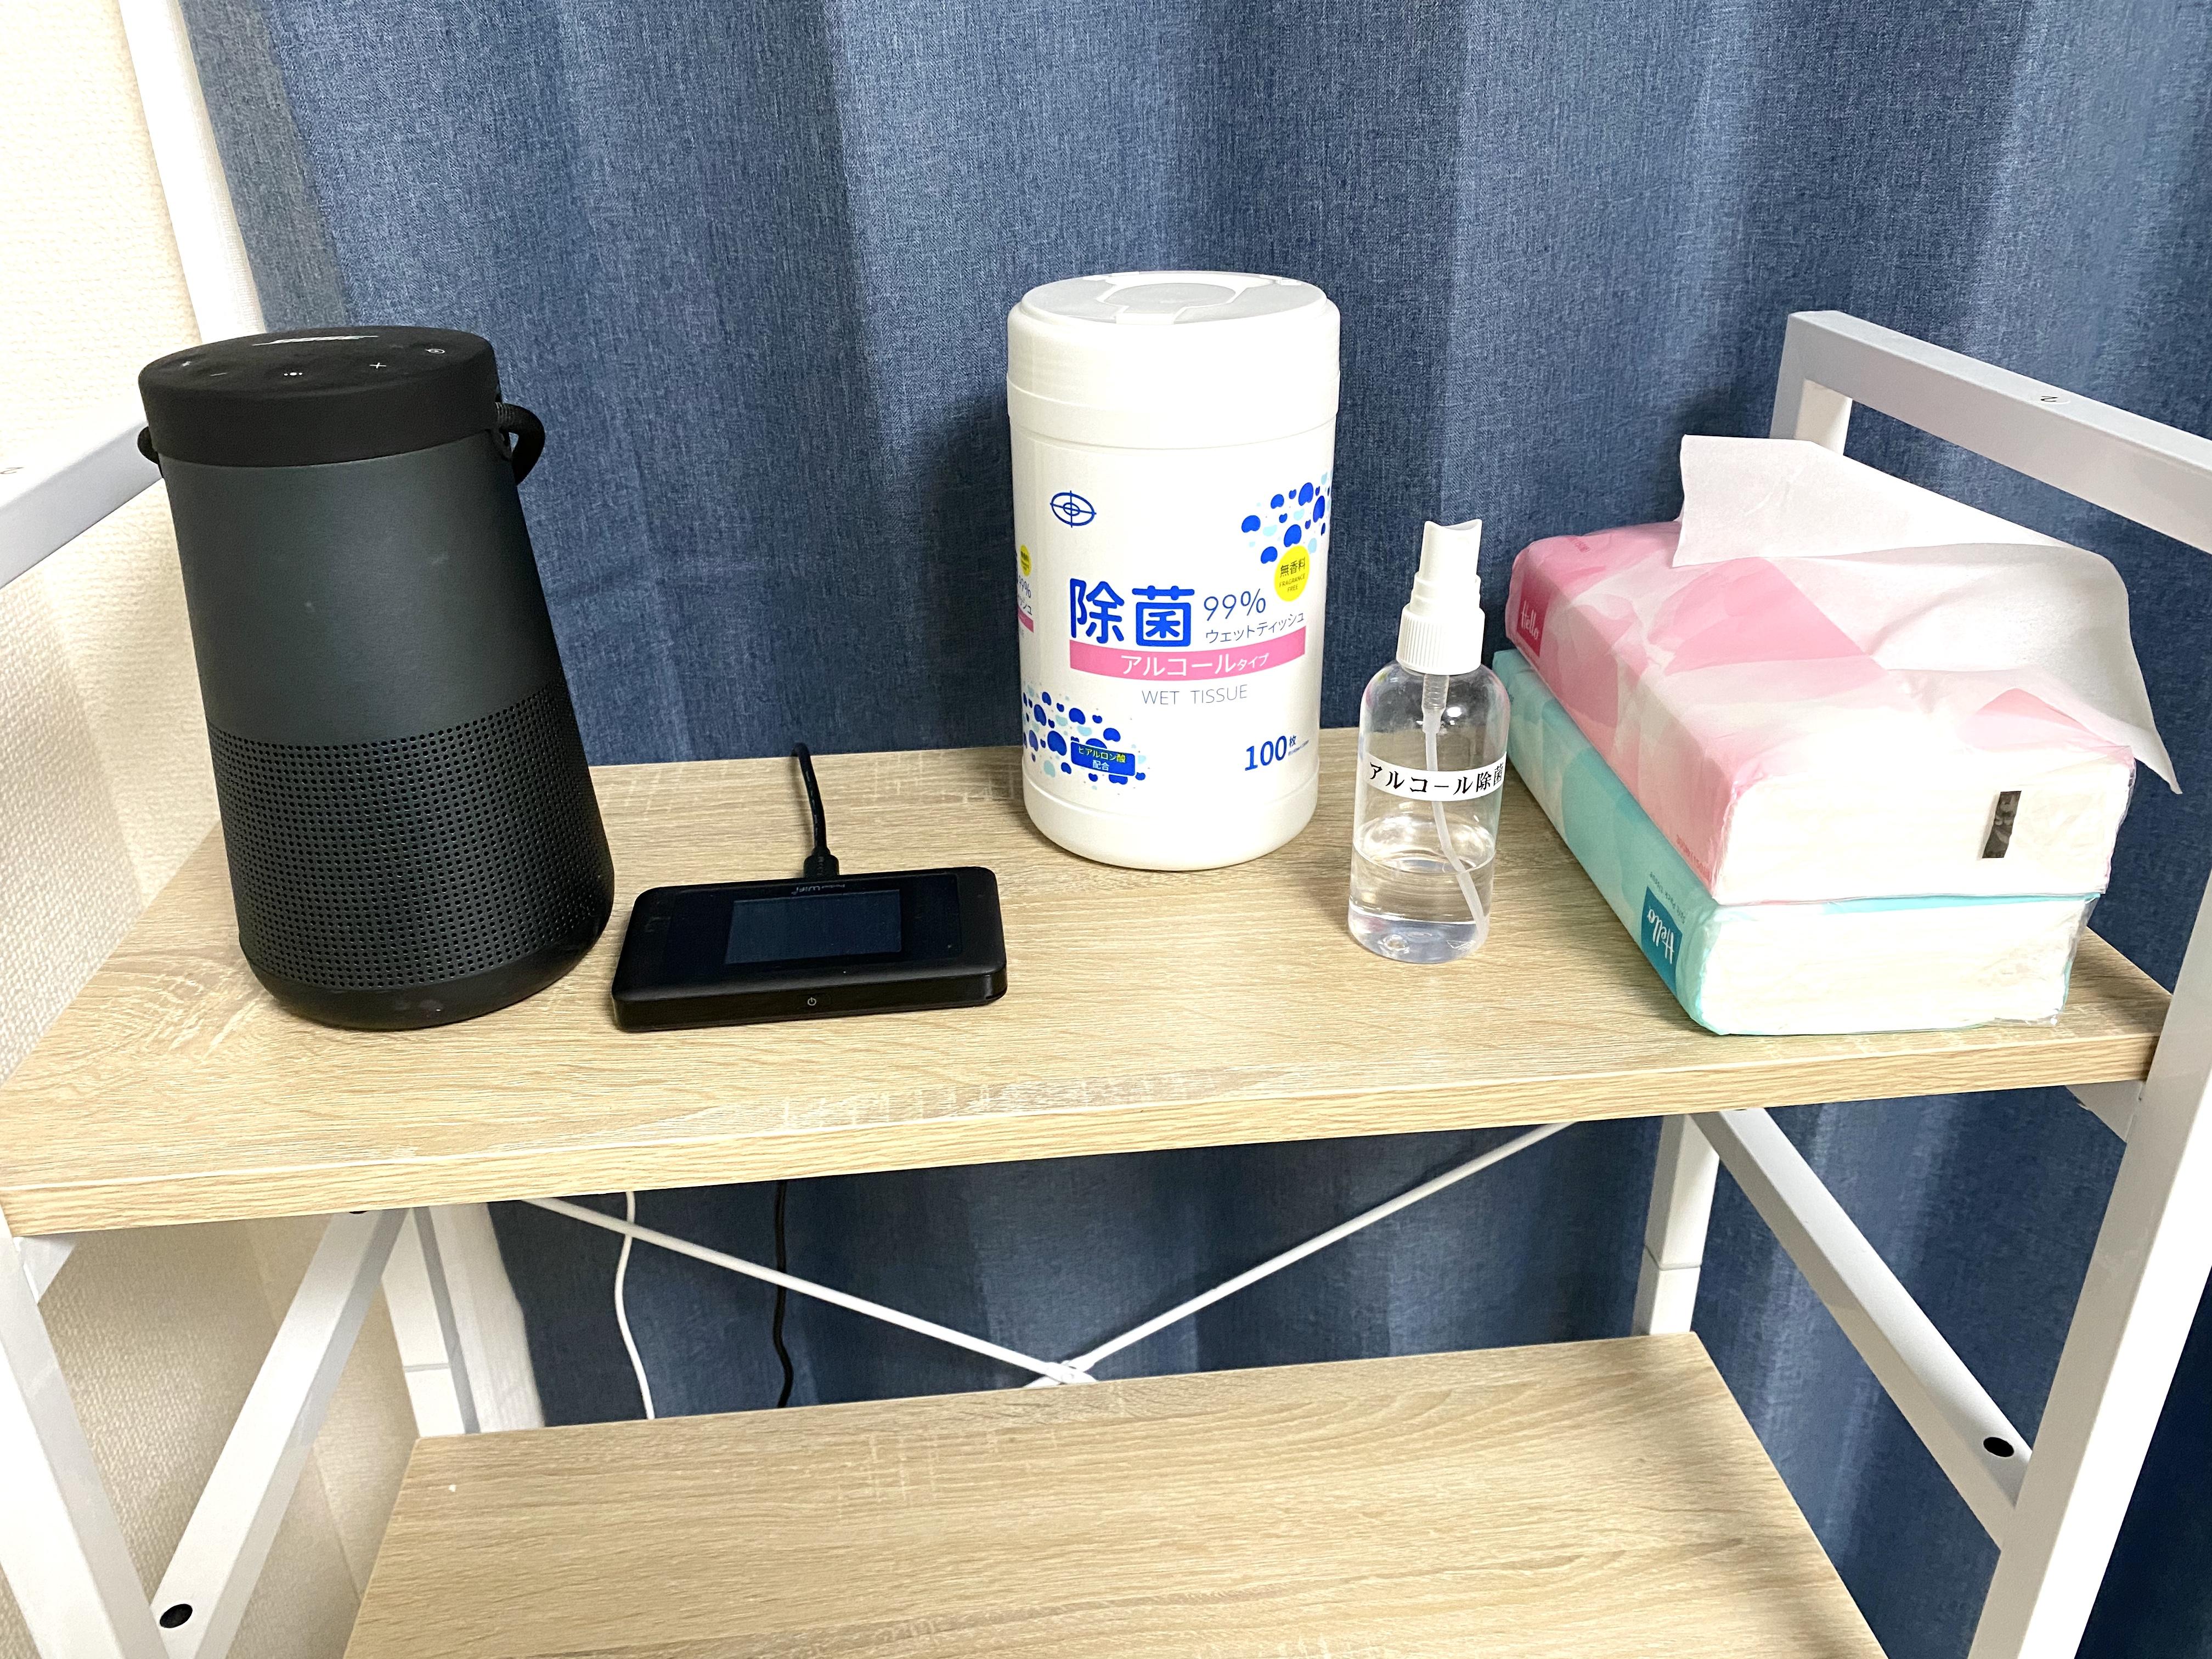 BOSE製Bluetoothスピーカー/モバイルWi-Fi完備 - ダンススタジオ 学生応援【格安】ダンススタジオの設備の写真